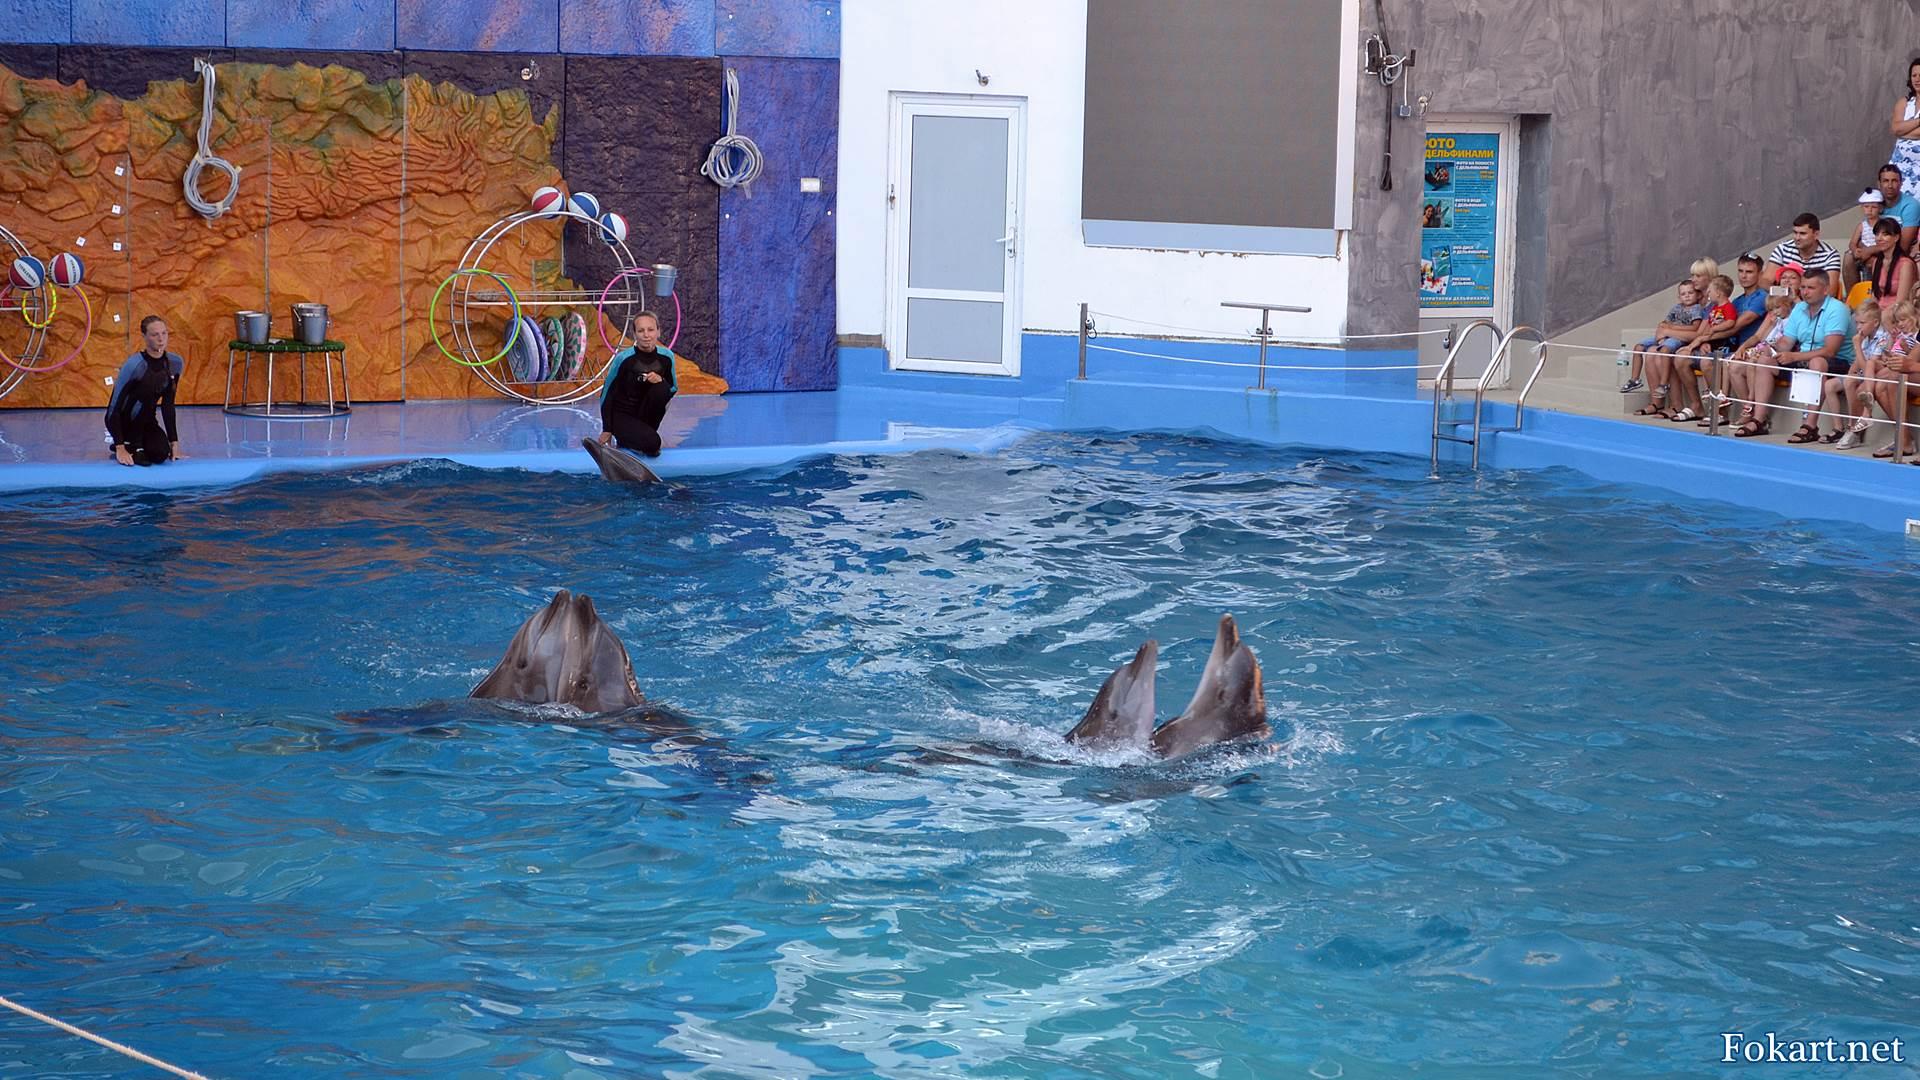 Дельфины танцуют парами медленный танец